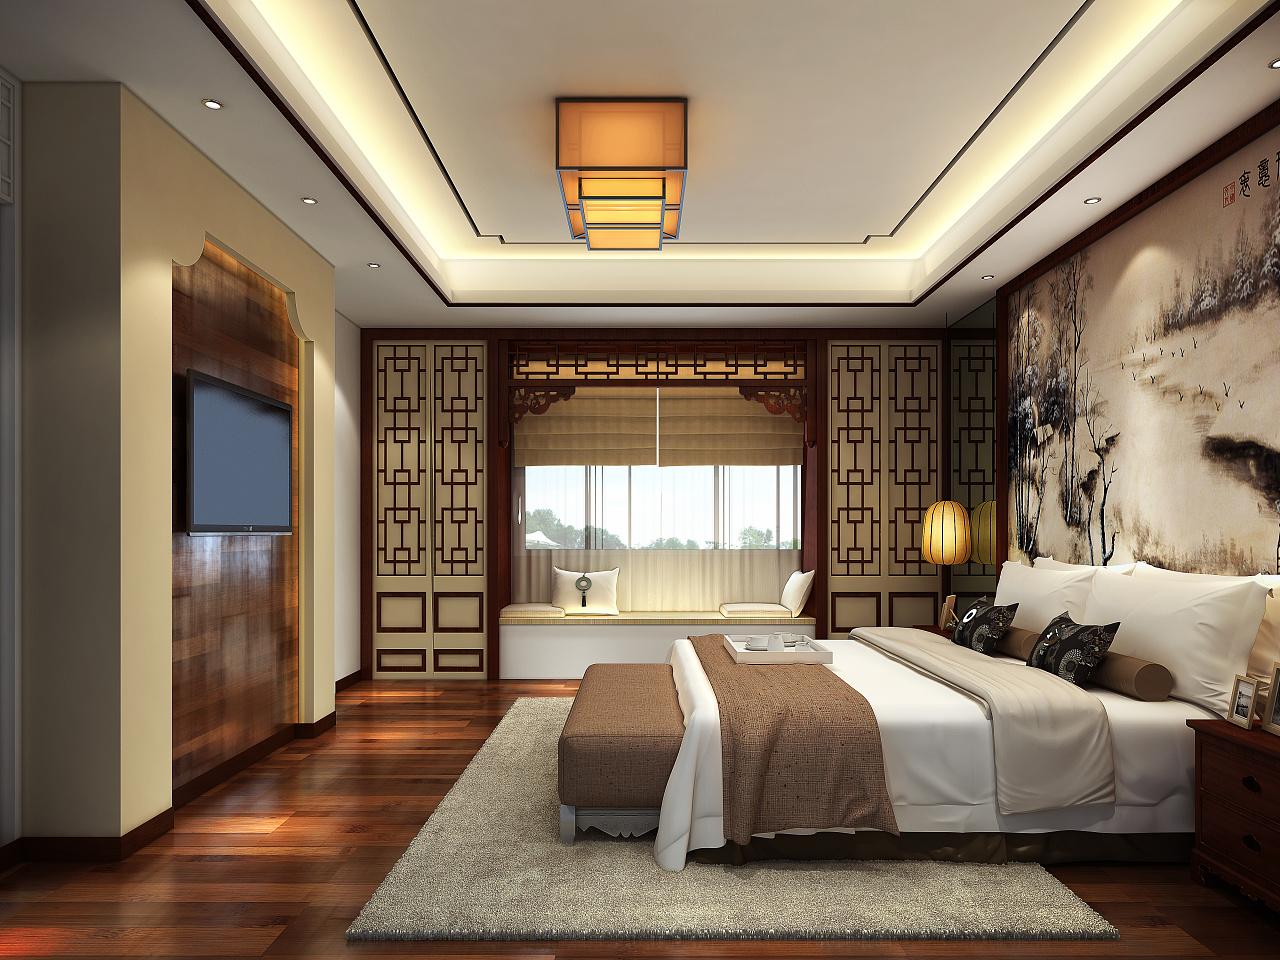 室内|三维|建筑/空间|qw19901229 - 原创作品 - 站酷